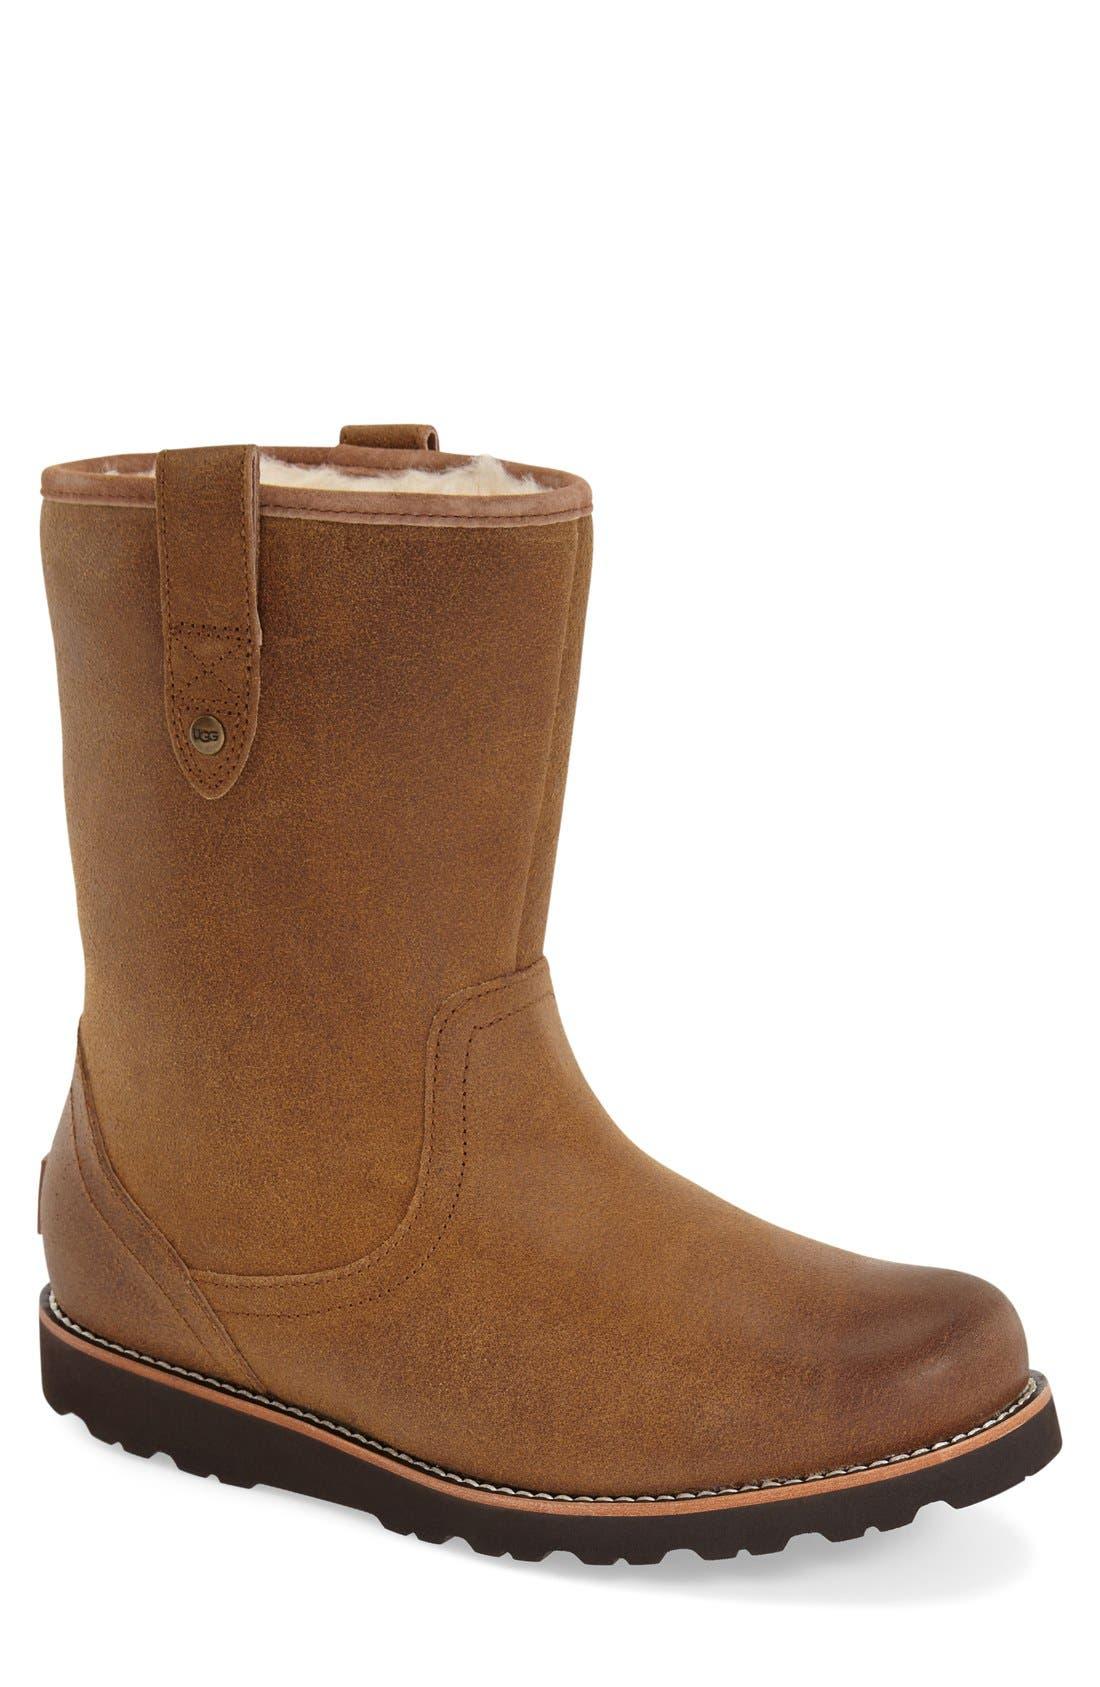 Stoneman Waterproof Boot,                             Main thumbnail 1, color,                             219